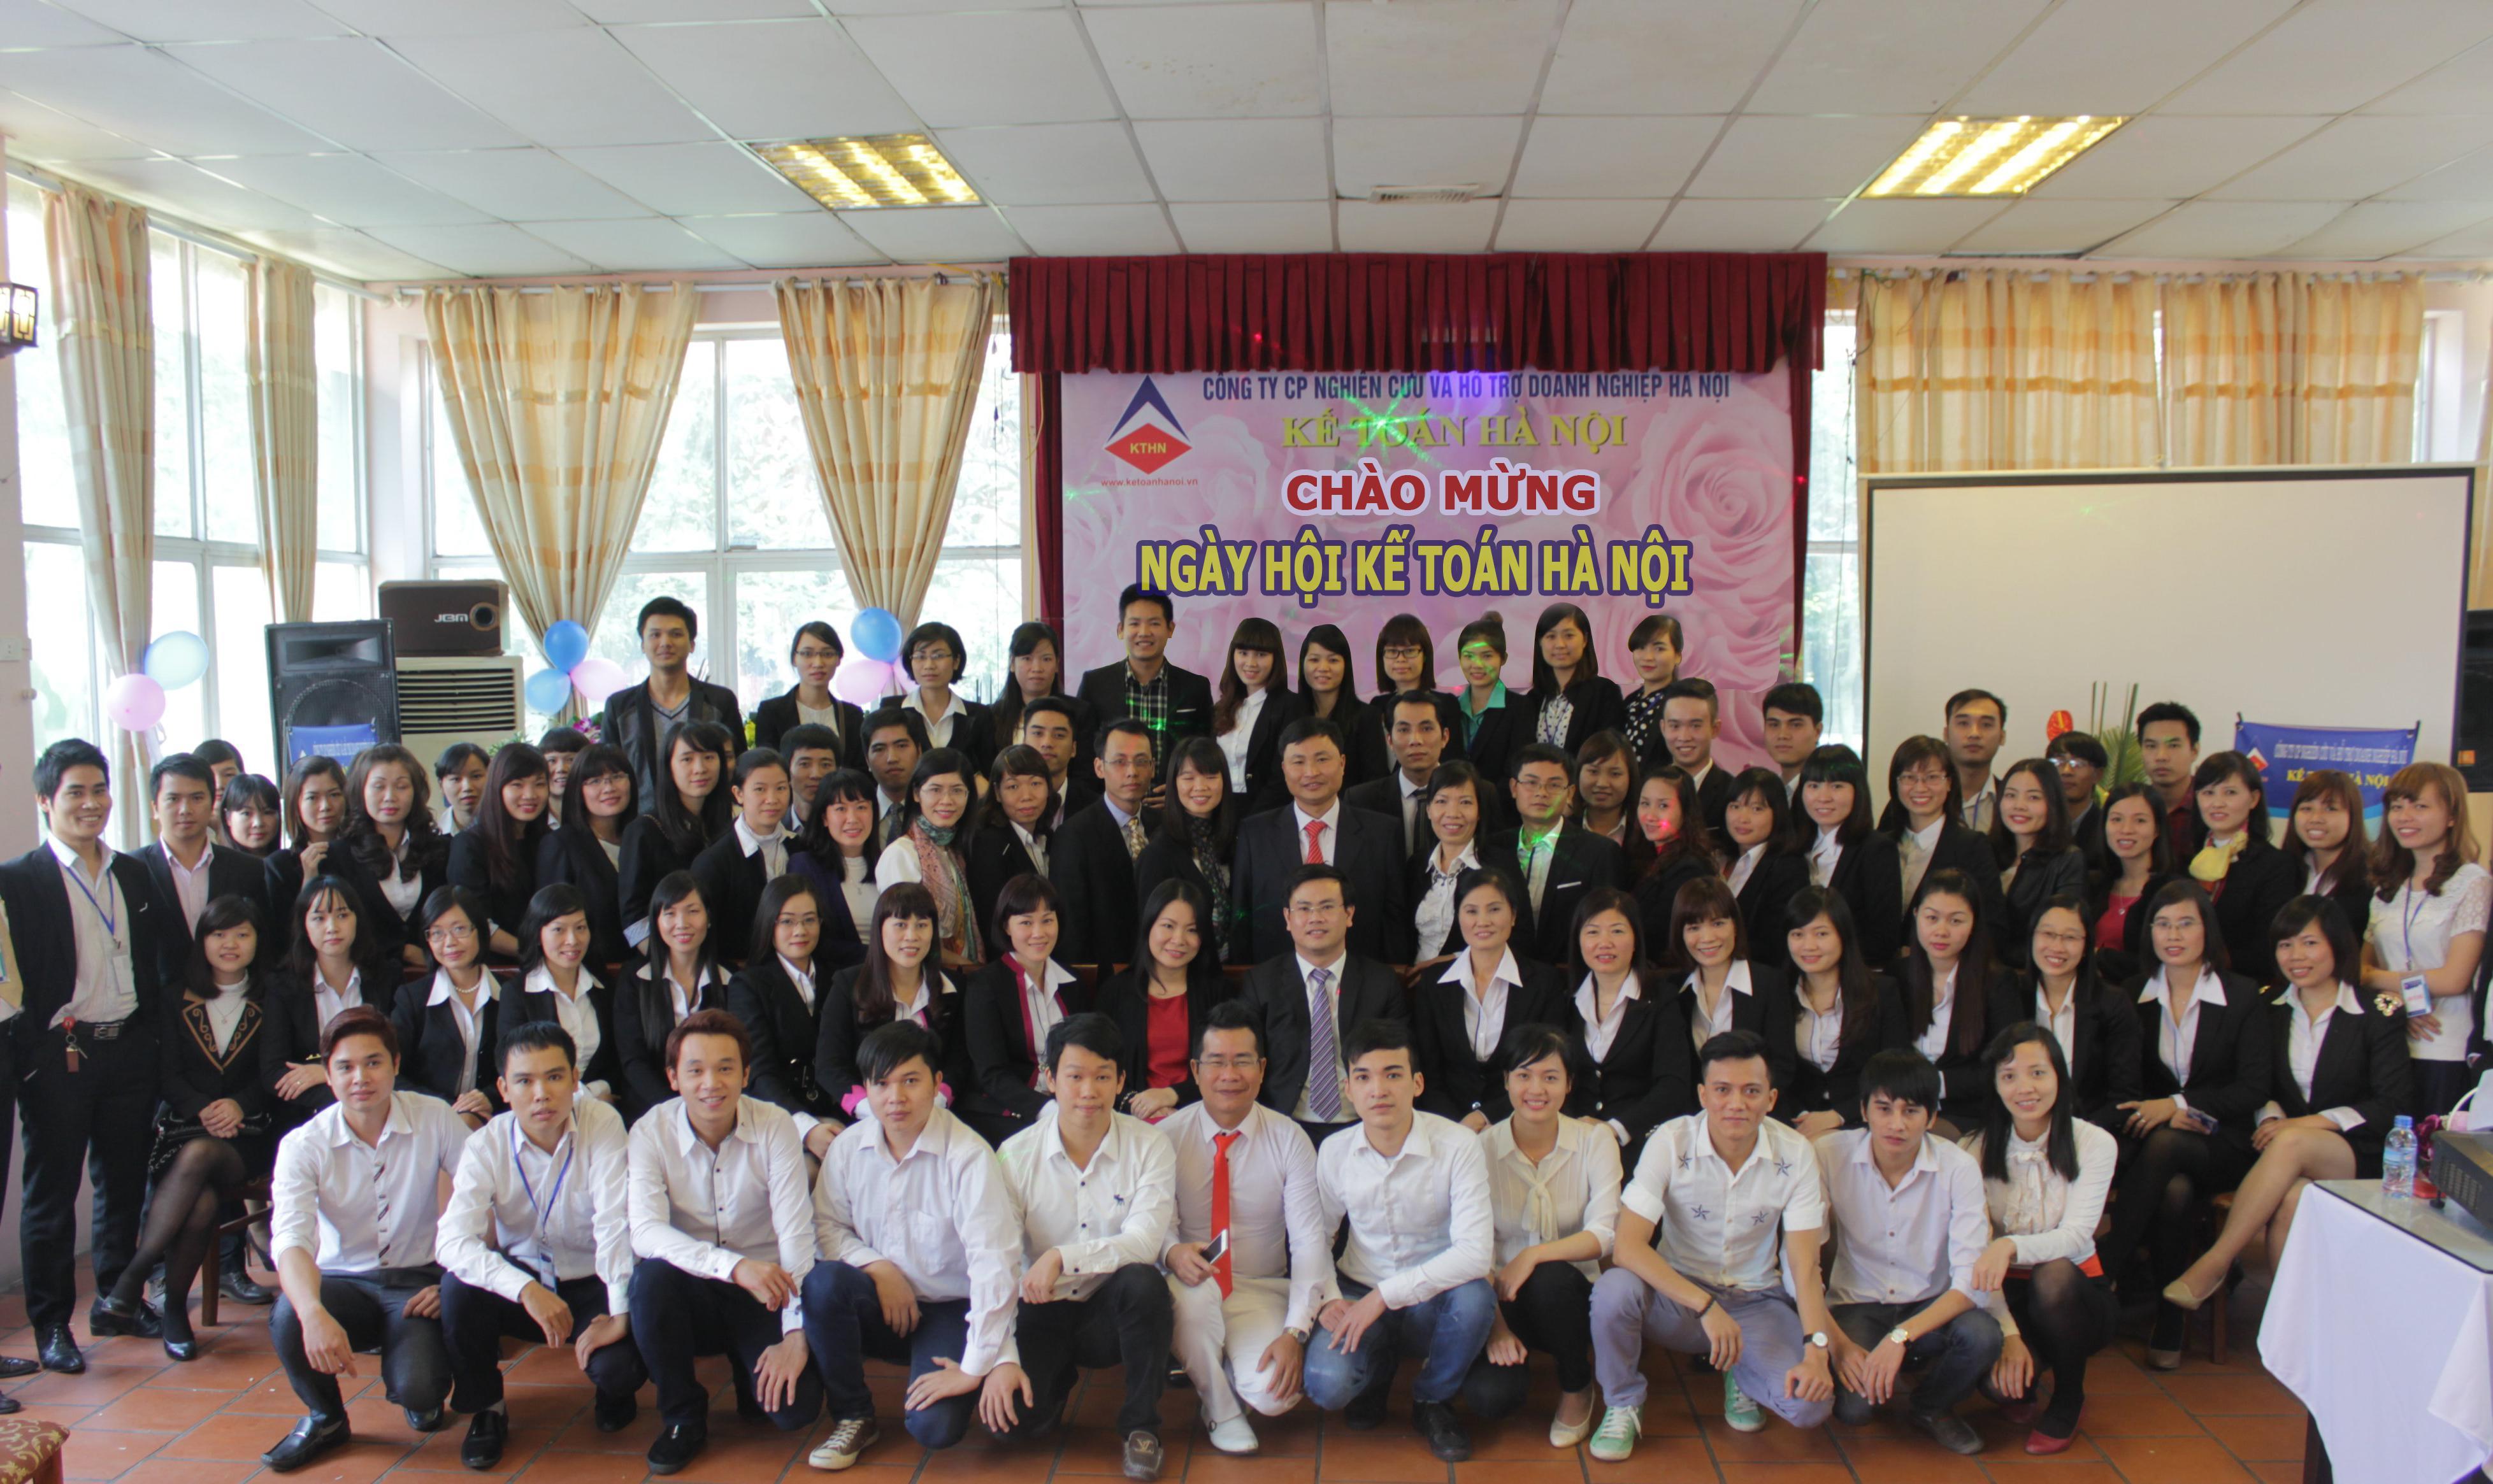 Dịch vụ khai báo thuế tại Bắc Giang